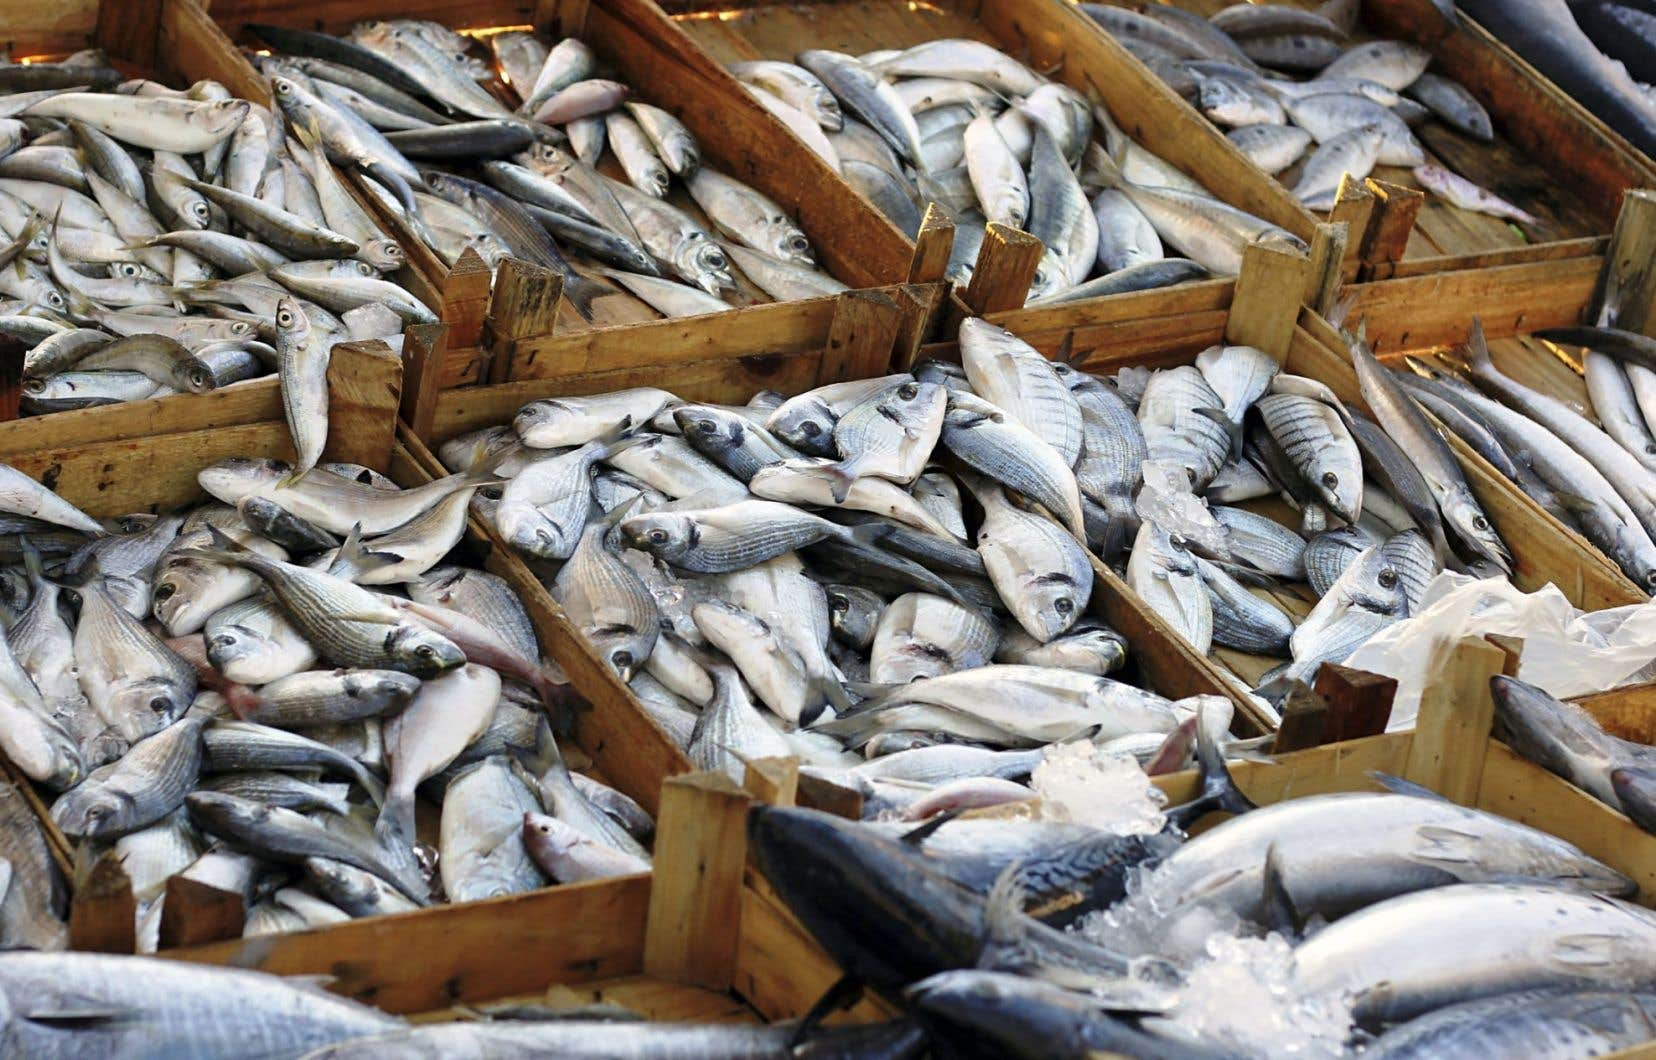 Les chercheurs ont évalué que la quantité de produits de la mer qui aboutissent à la poubelle fournirait assez de protéines pour nourrir jusqu'à 12millions d'êtres humains.